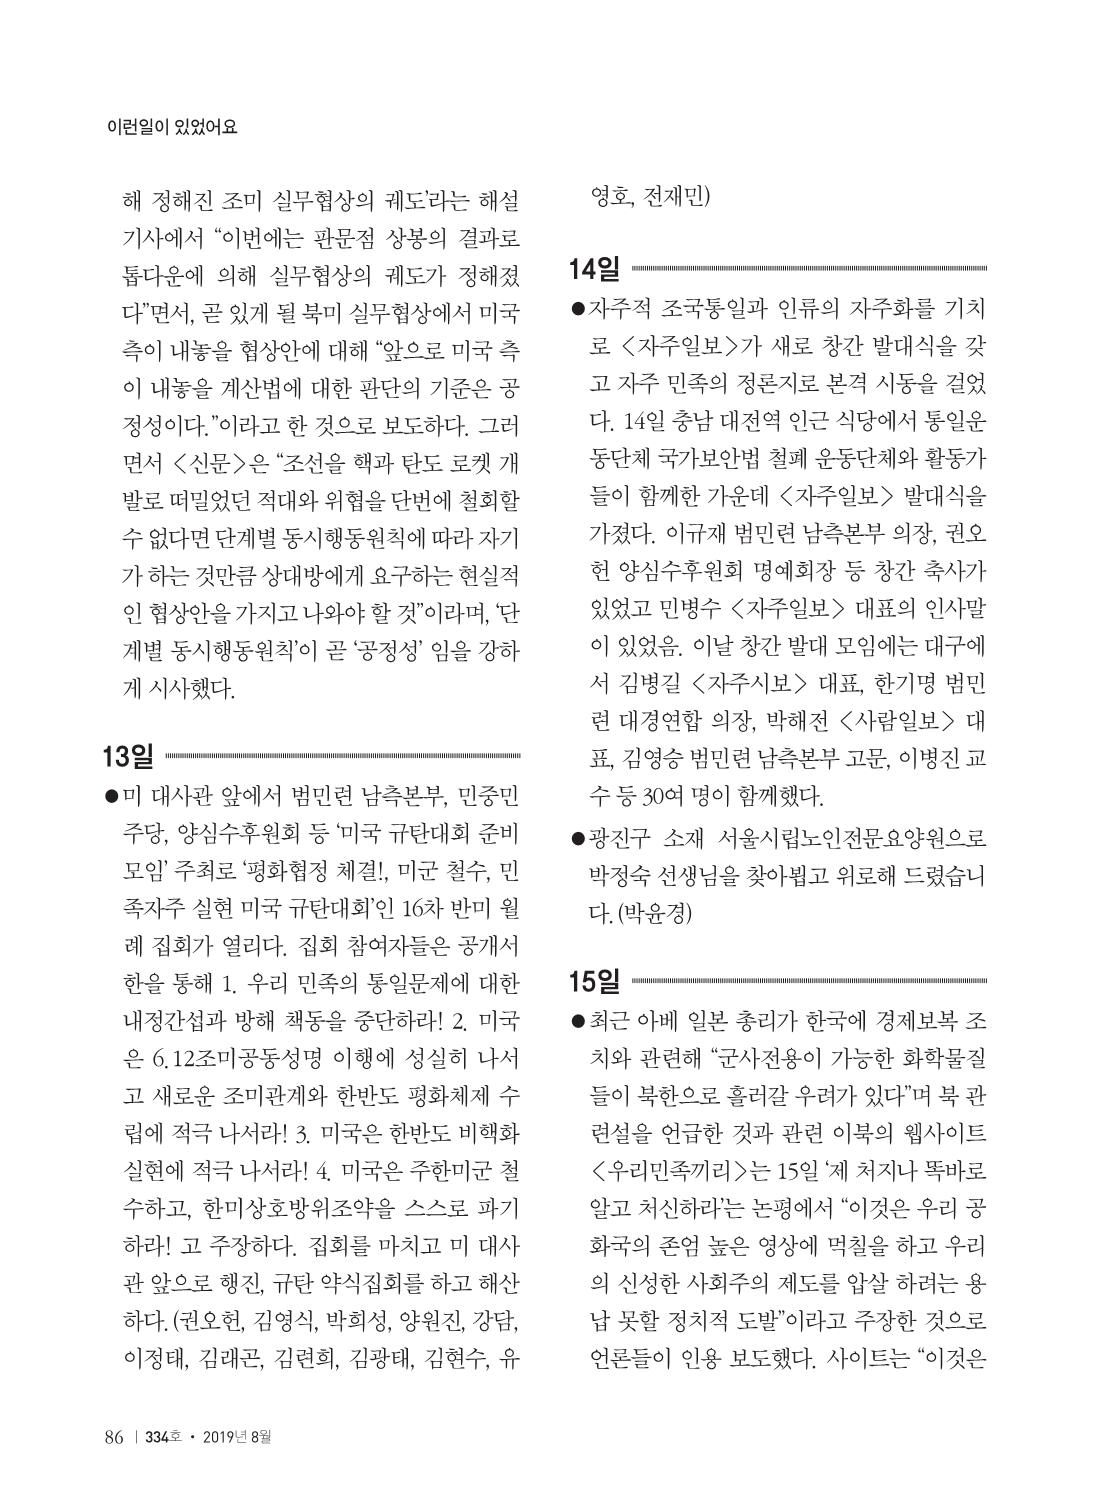 e6977657-dbeb-4761-8f85-947ee75f2b20.pdf-0088.jpg